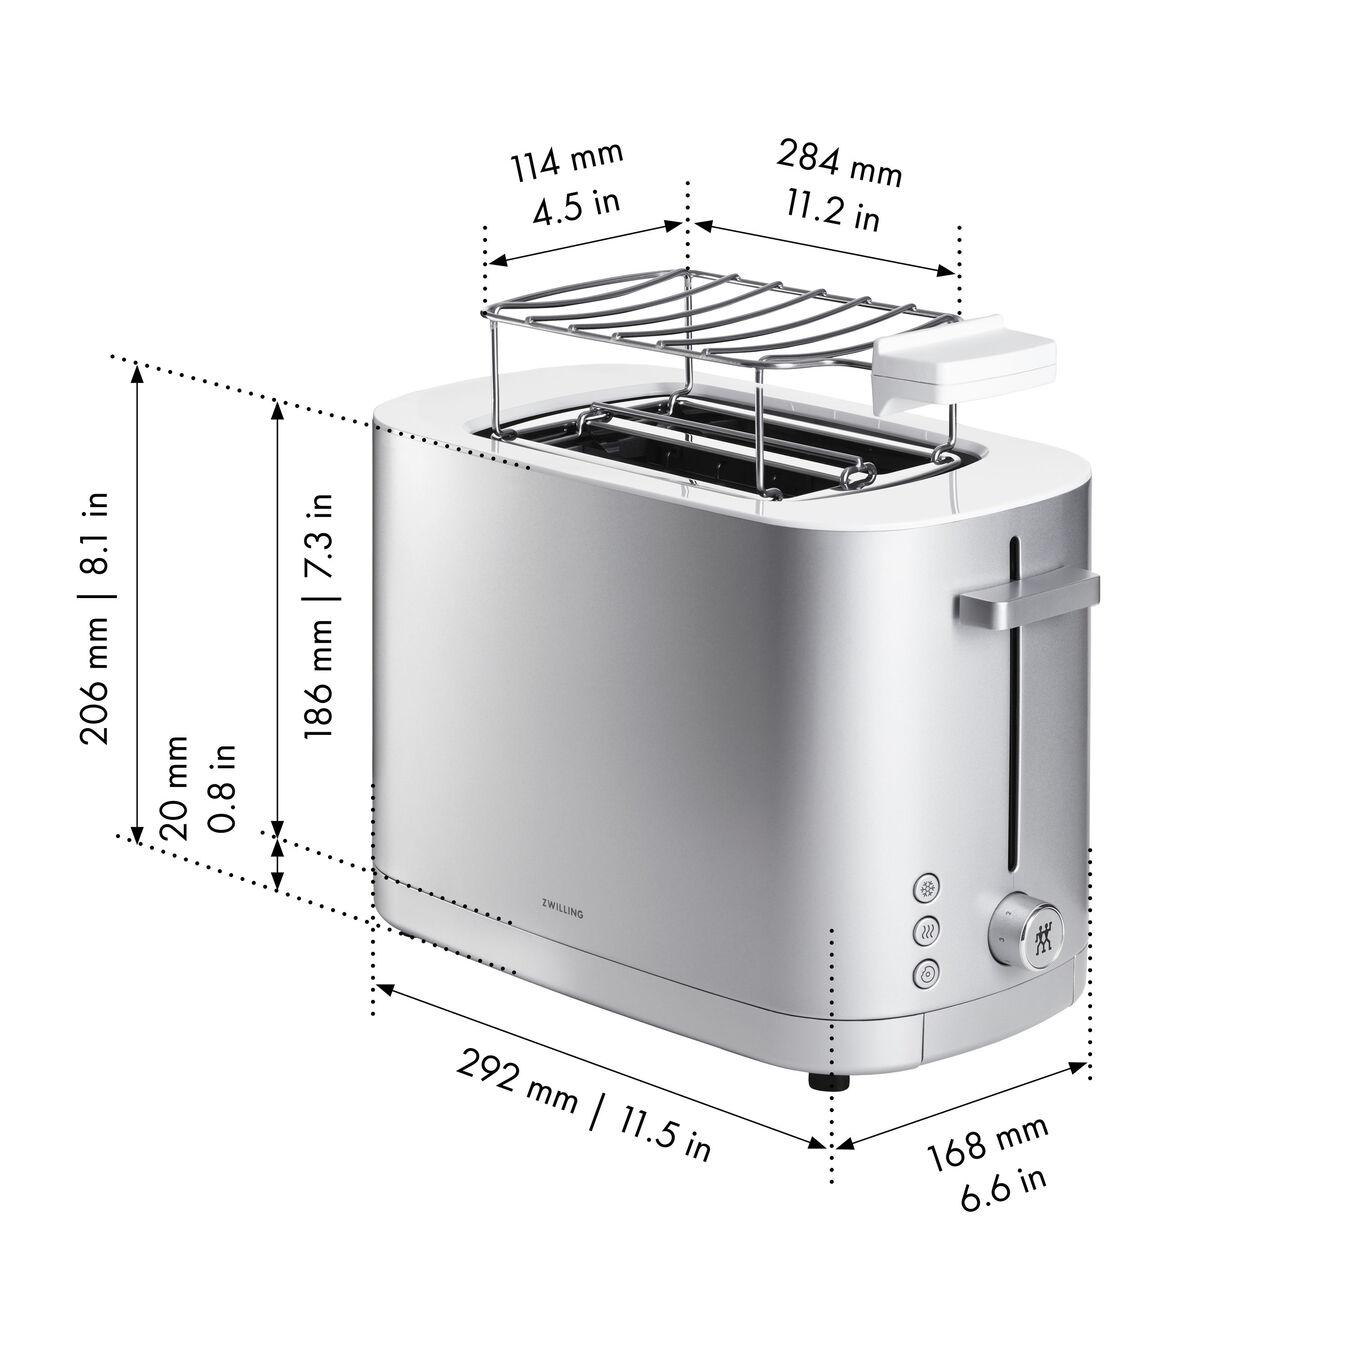 Ekmek Kızartma Makinesi çörek ısıtıcılı | 2 yuva 2 dilim,,large 9